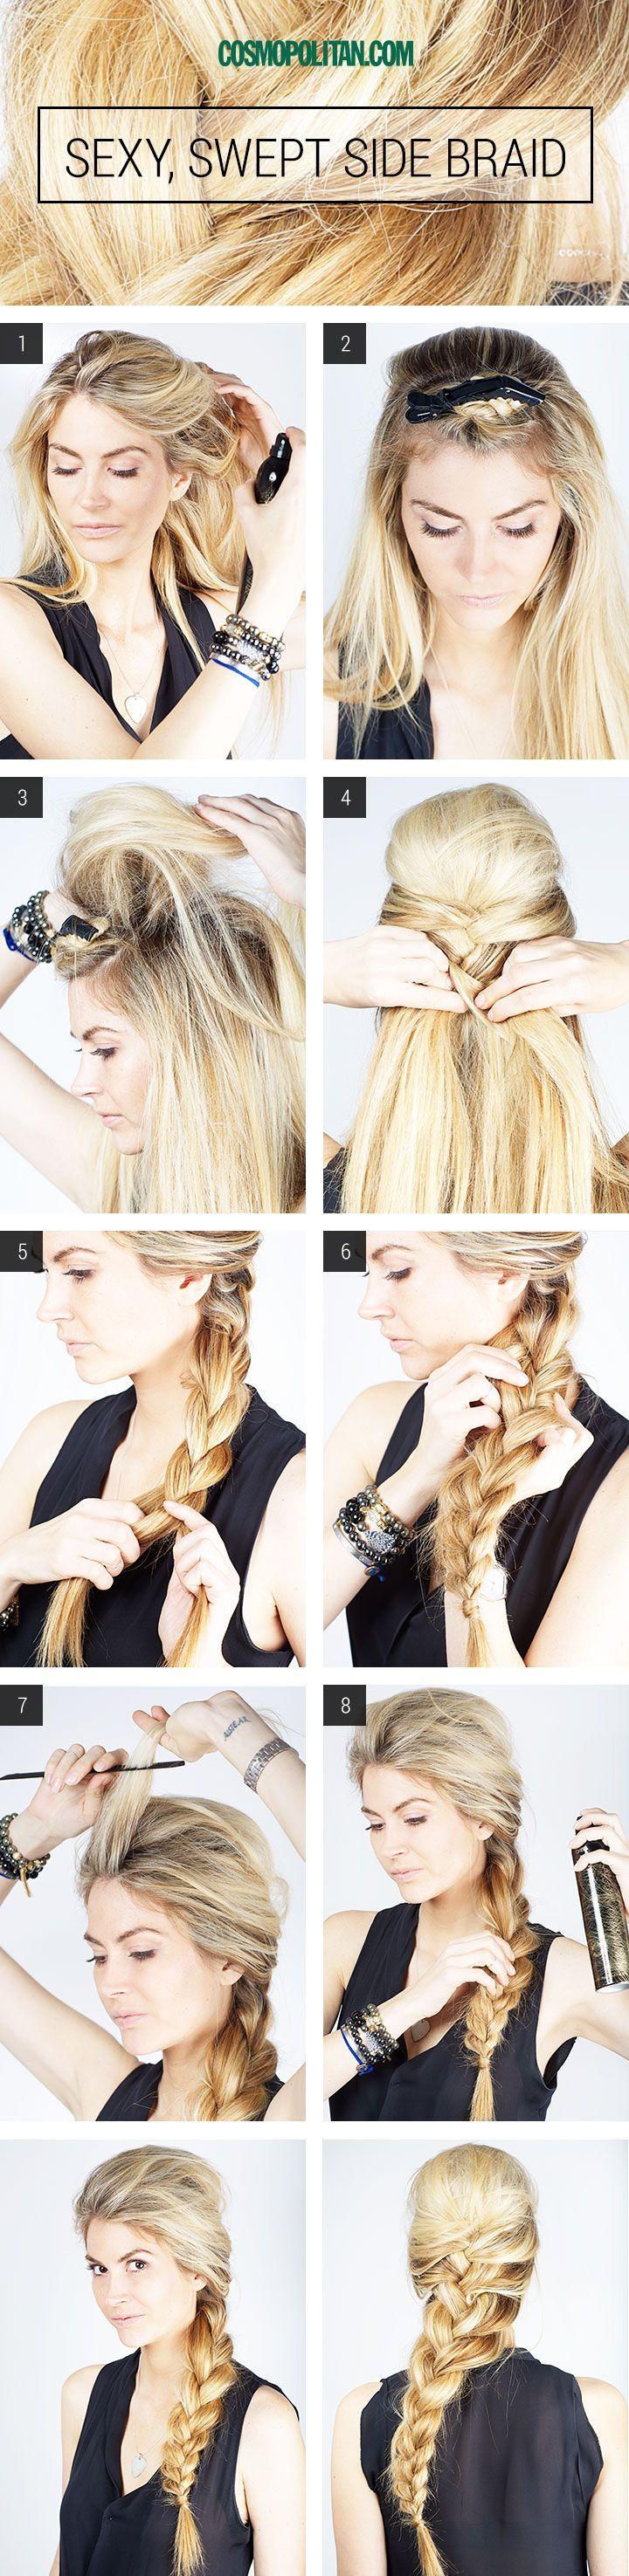 Hair How-To: Sexy Side Braid | Hair style, Elsa hair and Elsa braid